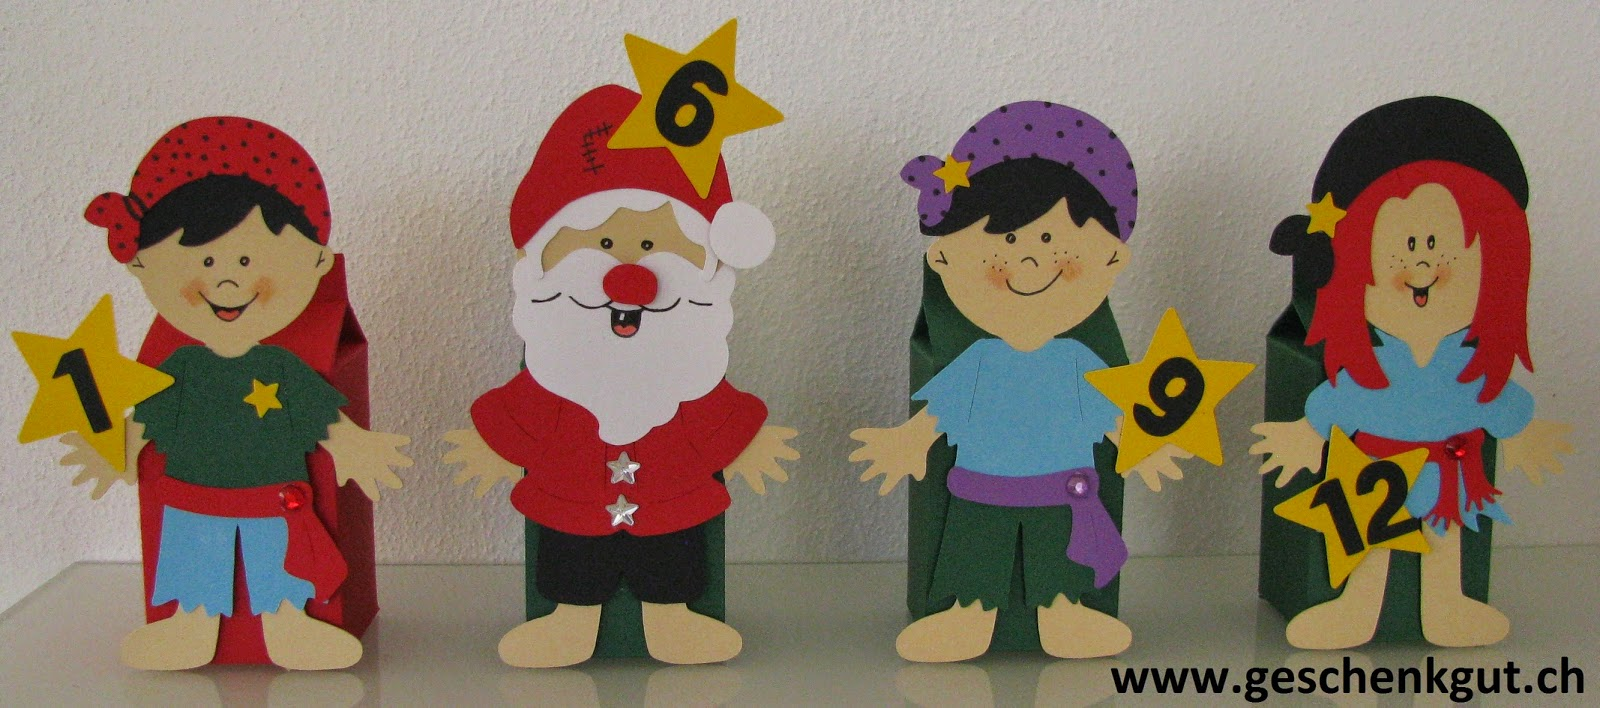 Adventskalender Weihnachten Advent Geschenkgutschein